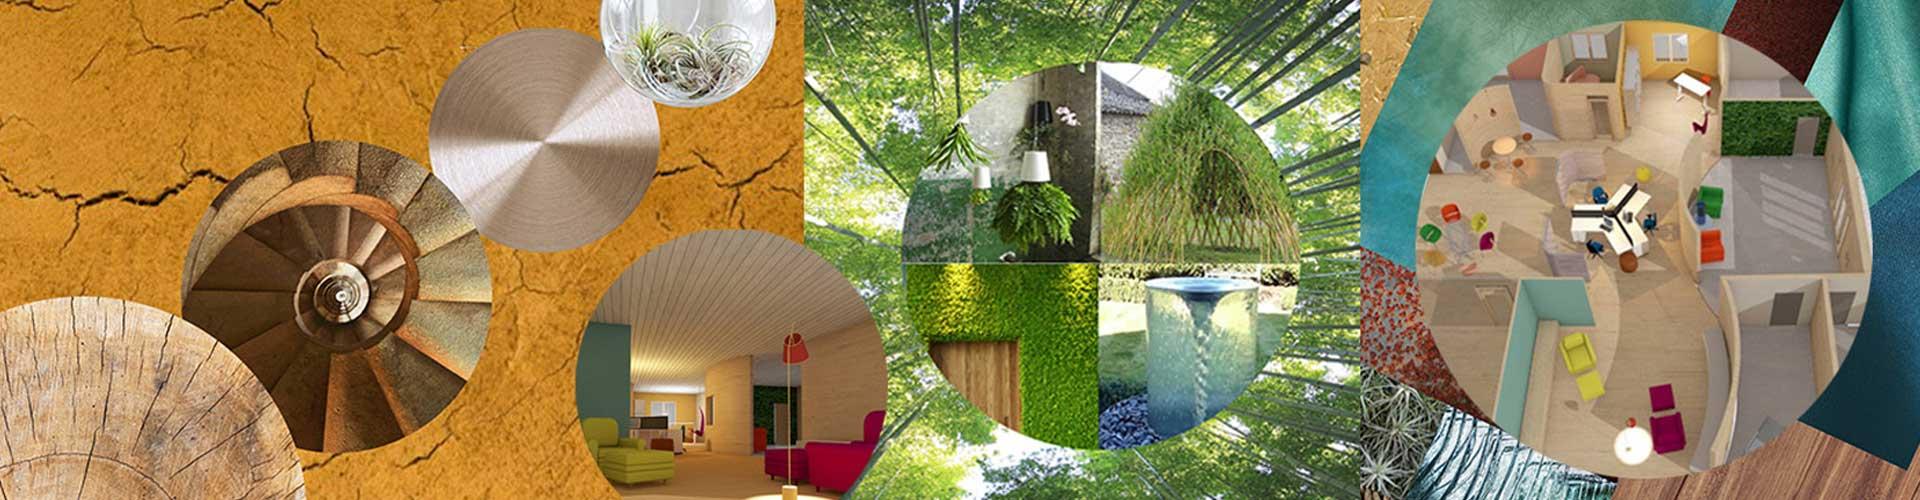 Alchimie des espaces, architecture d'intérieur à Aniane, Hérault